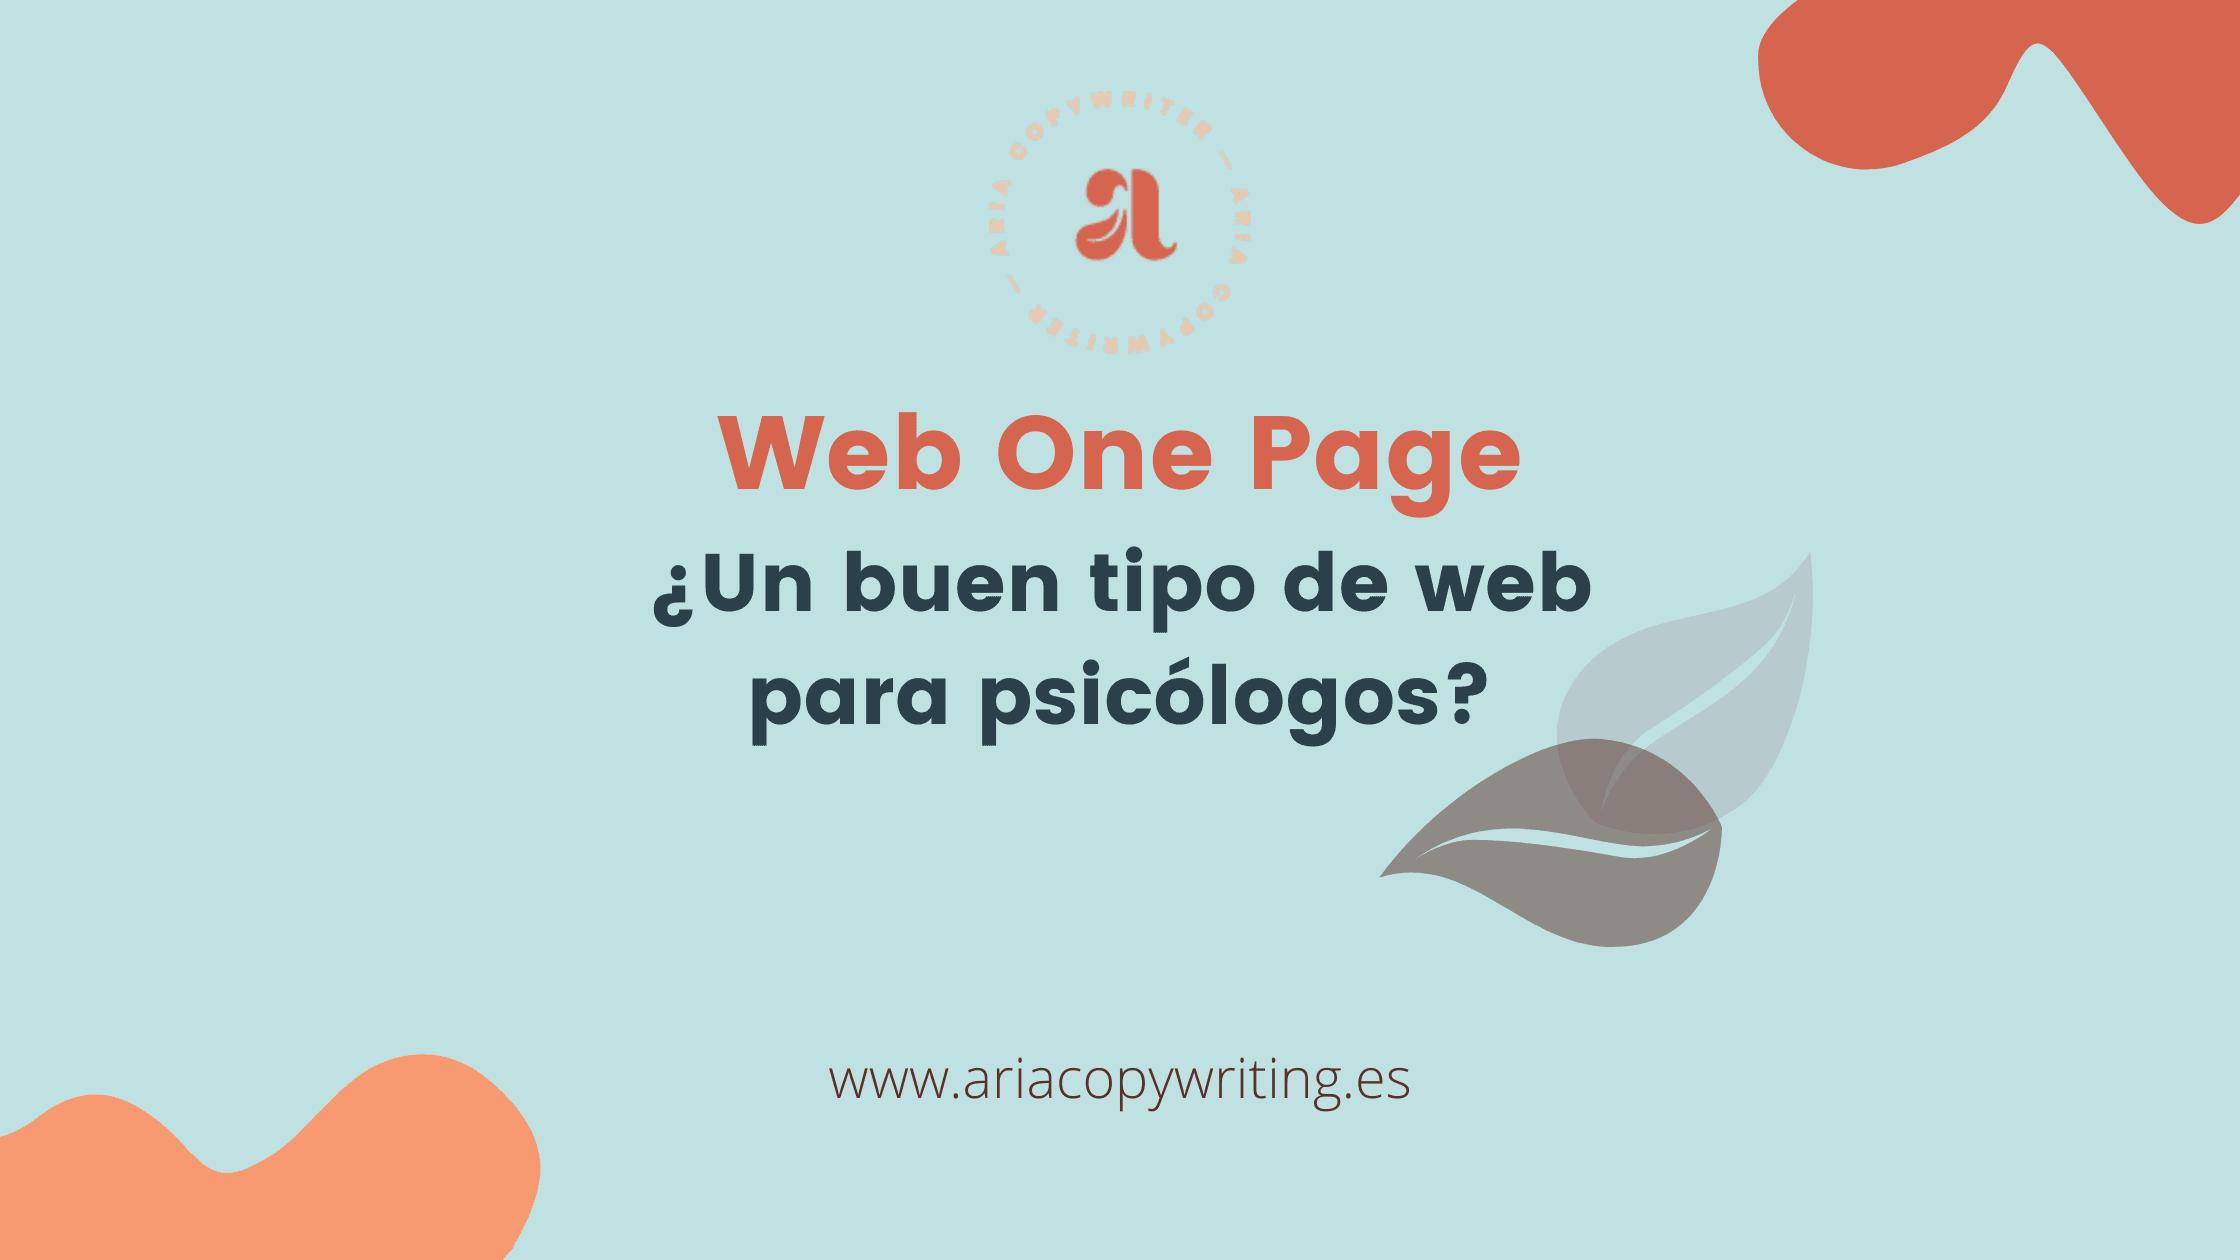 Es buena idea hacer una web one page si eres psicologo